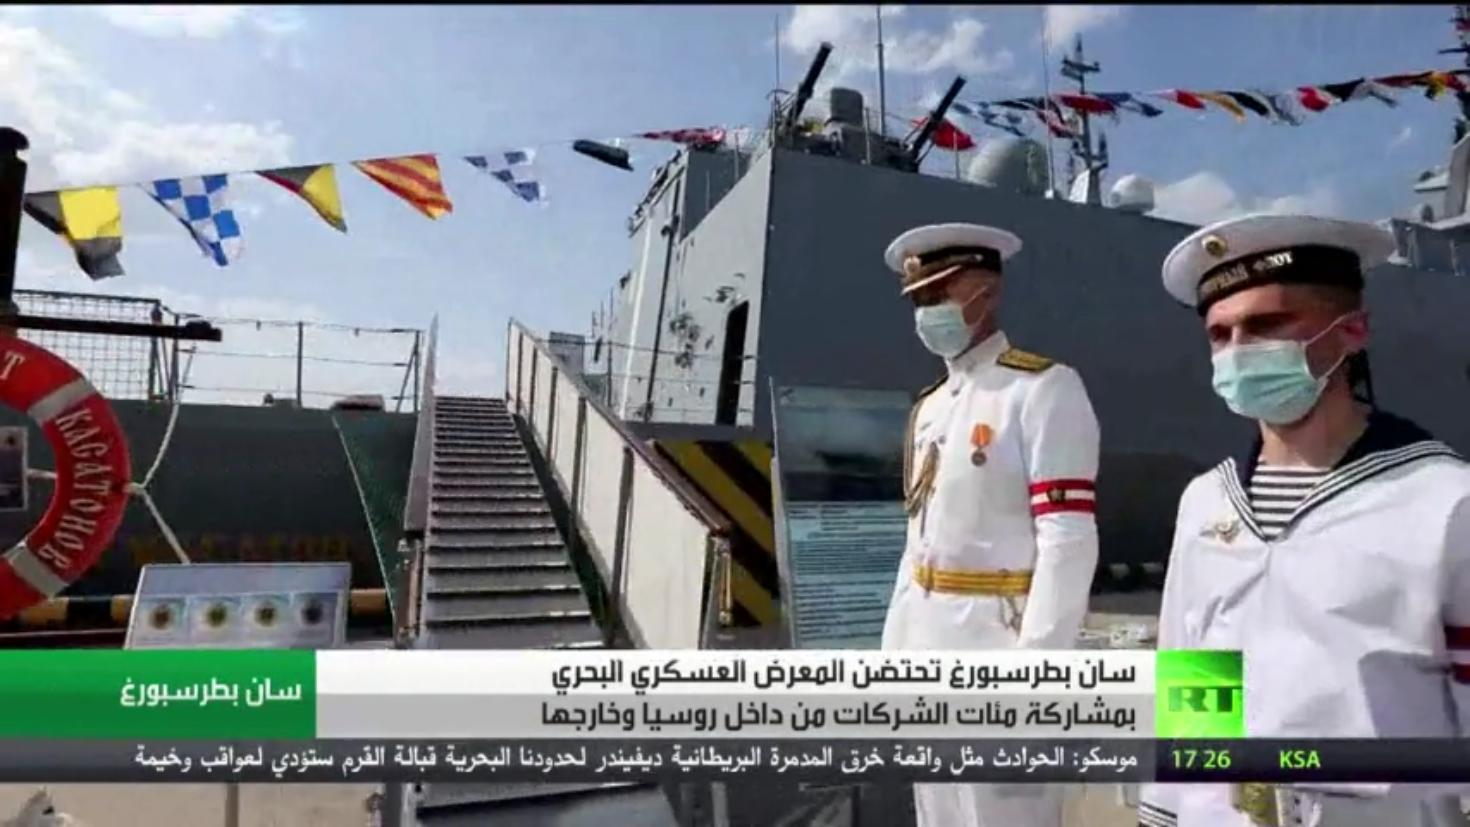 سان بطرسبورغ تحتضن المعرض العسكري البحري